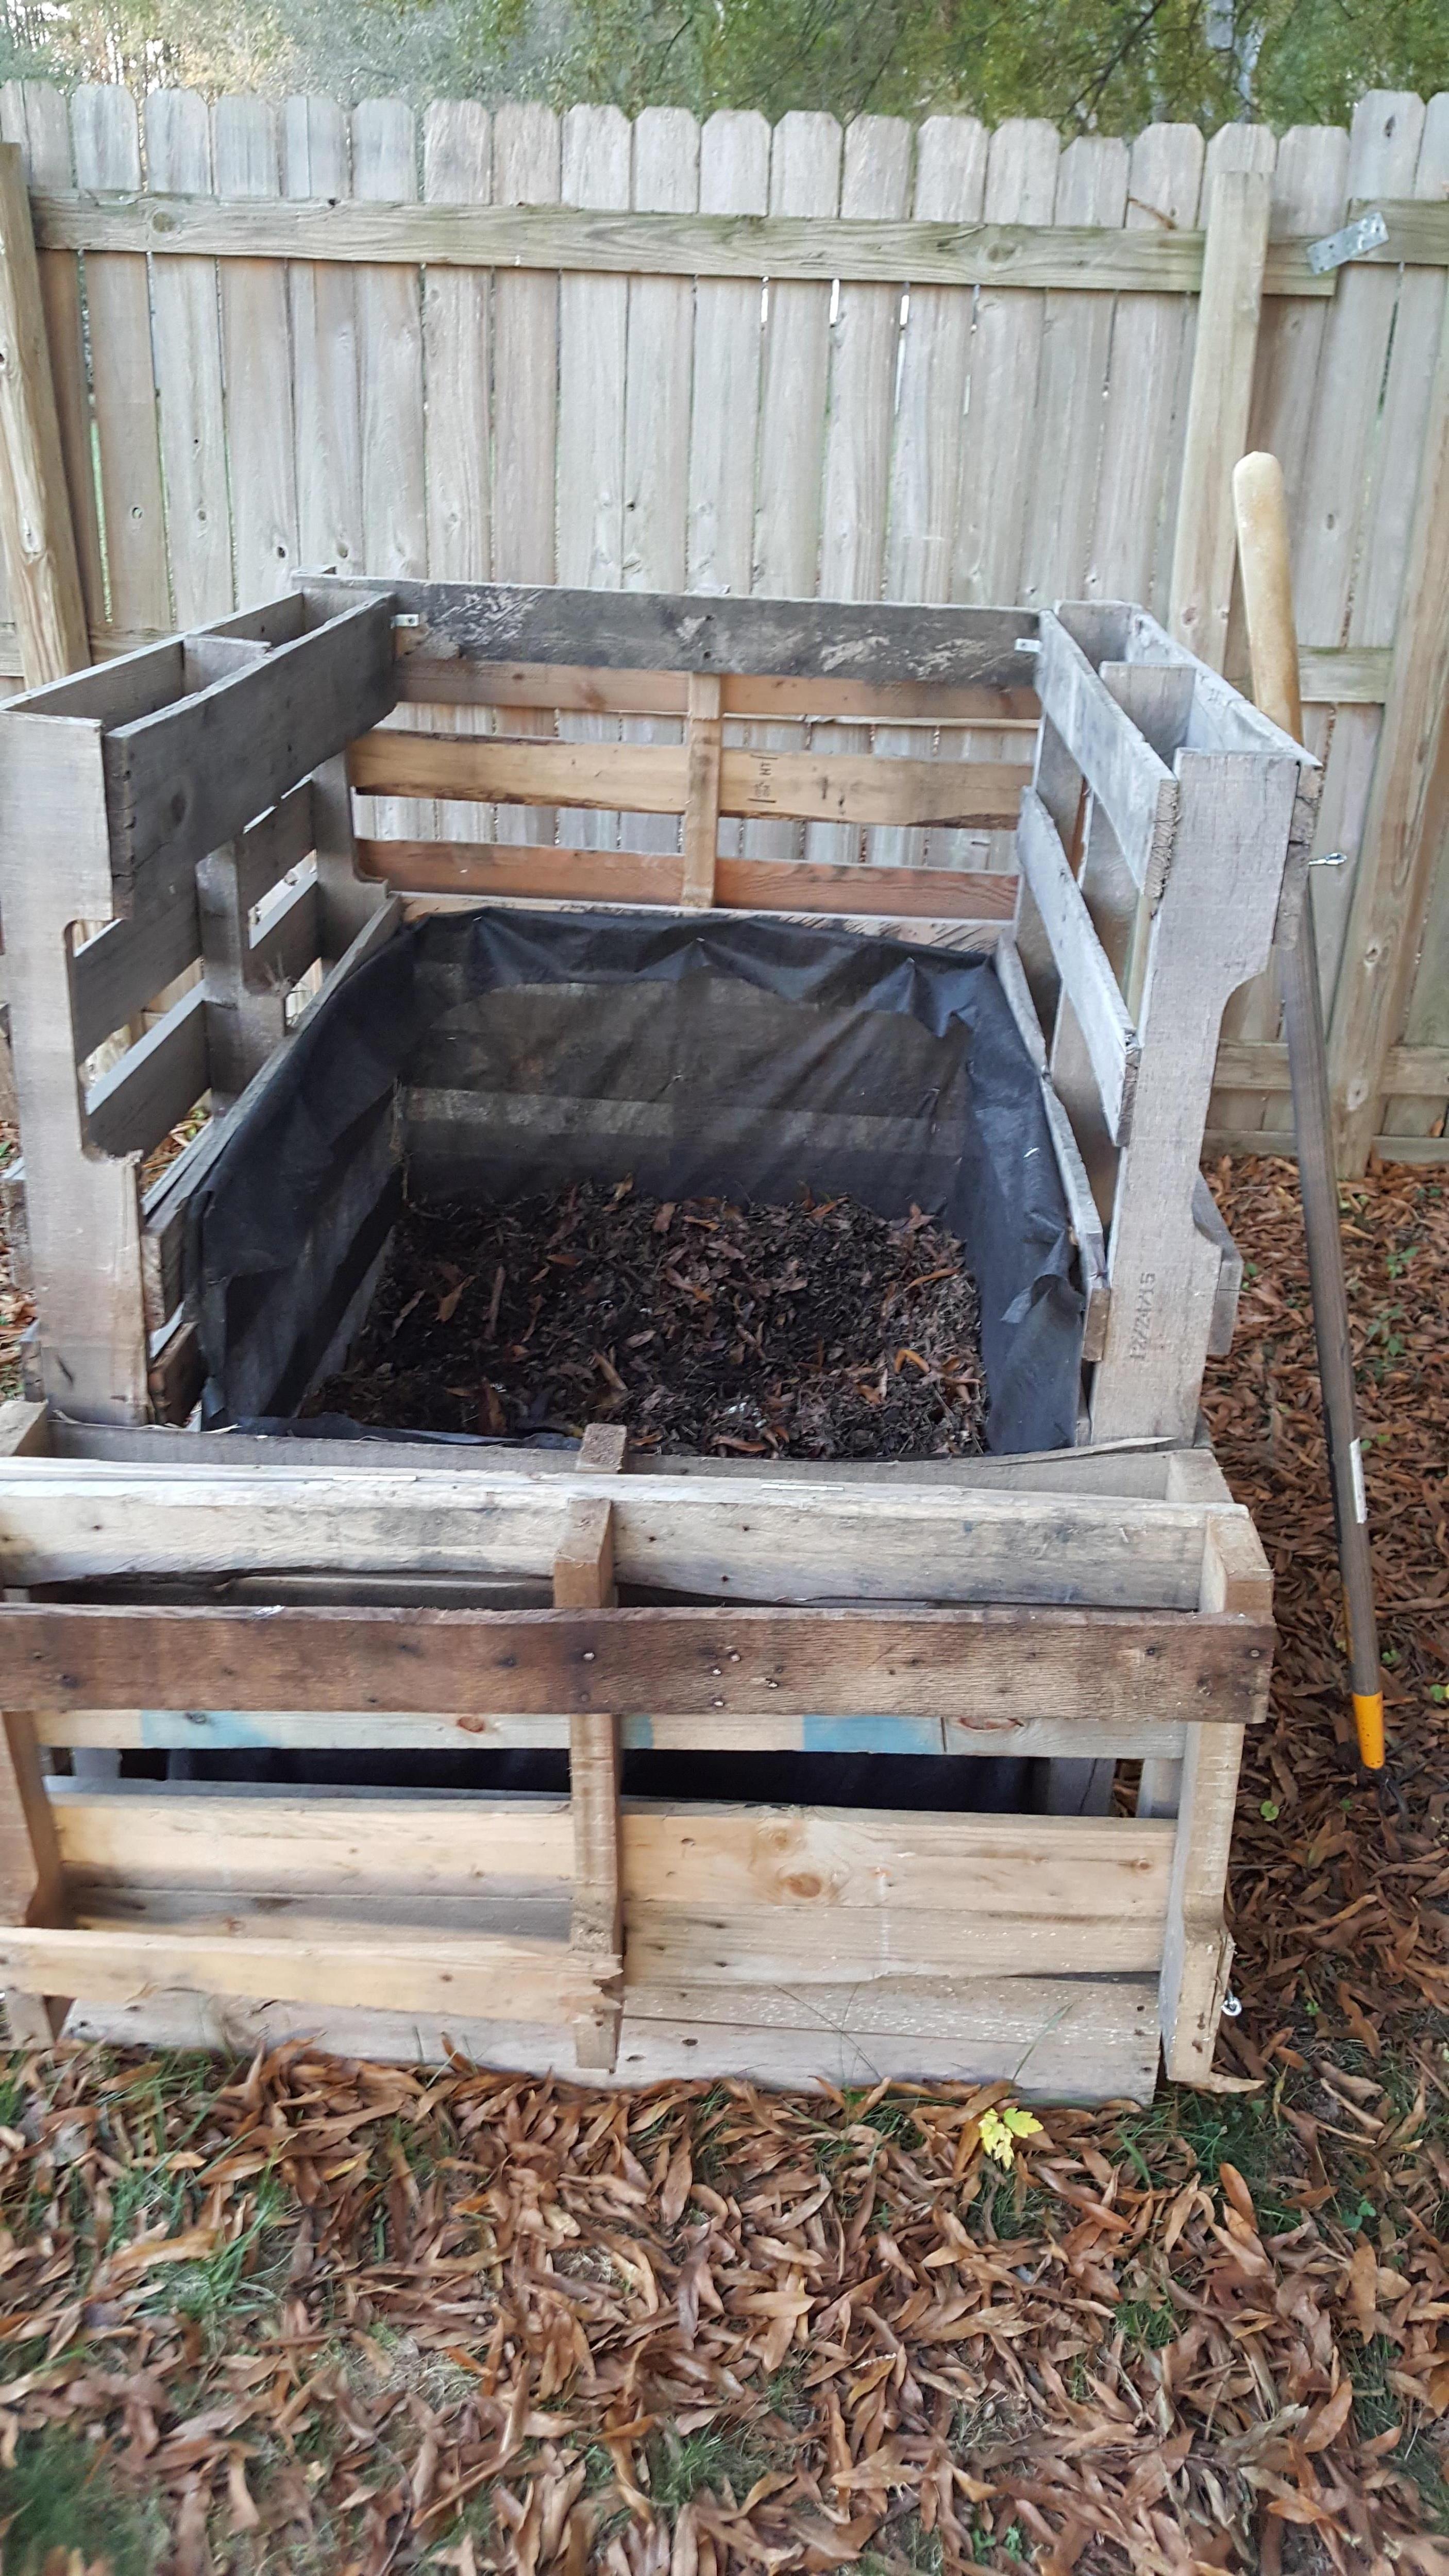 Backyard Compost Bin by Sam